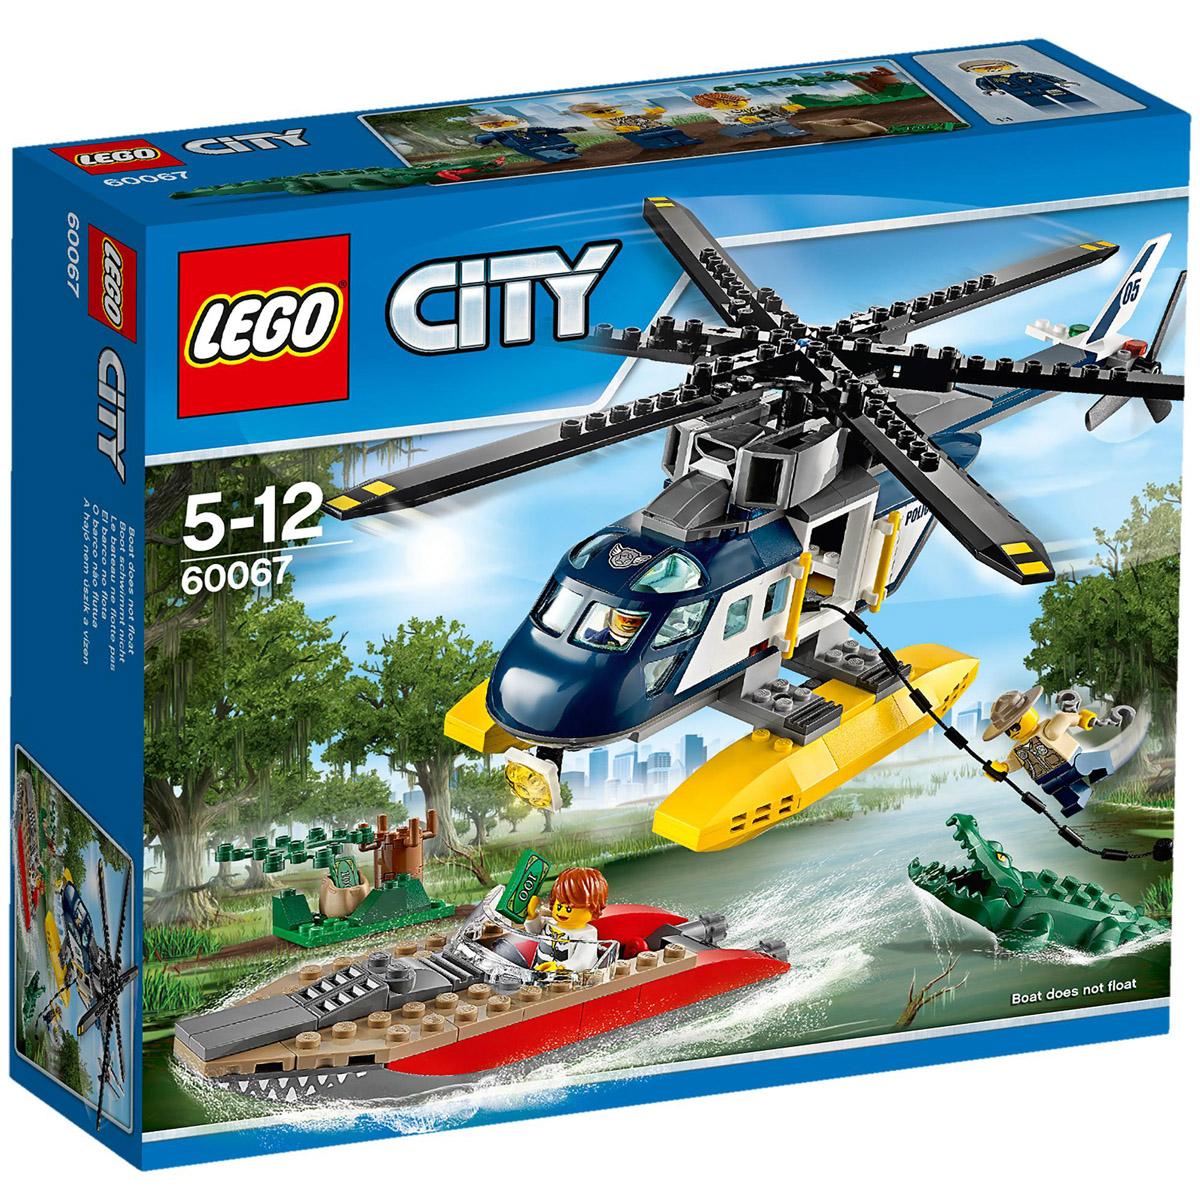 Конструктор LEGO City 60067 Погоня на полицейском вертолете<br>